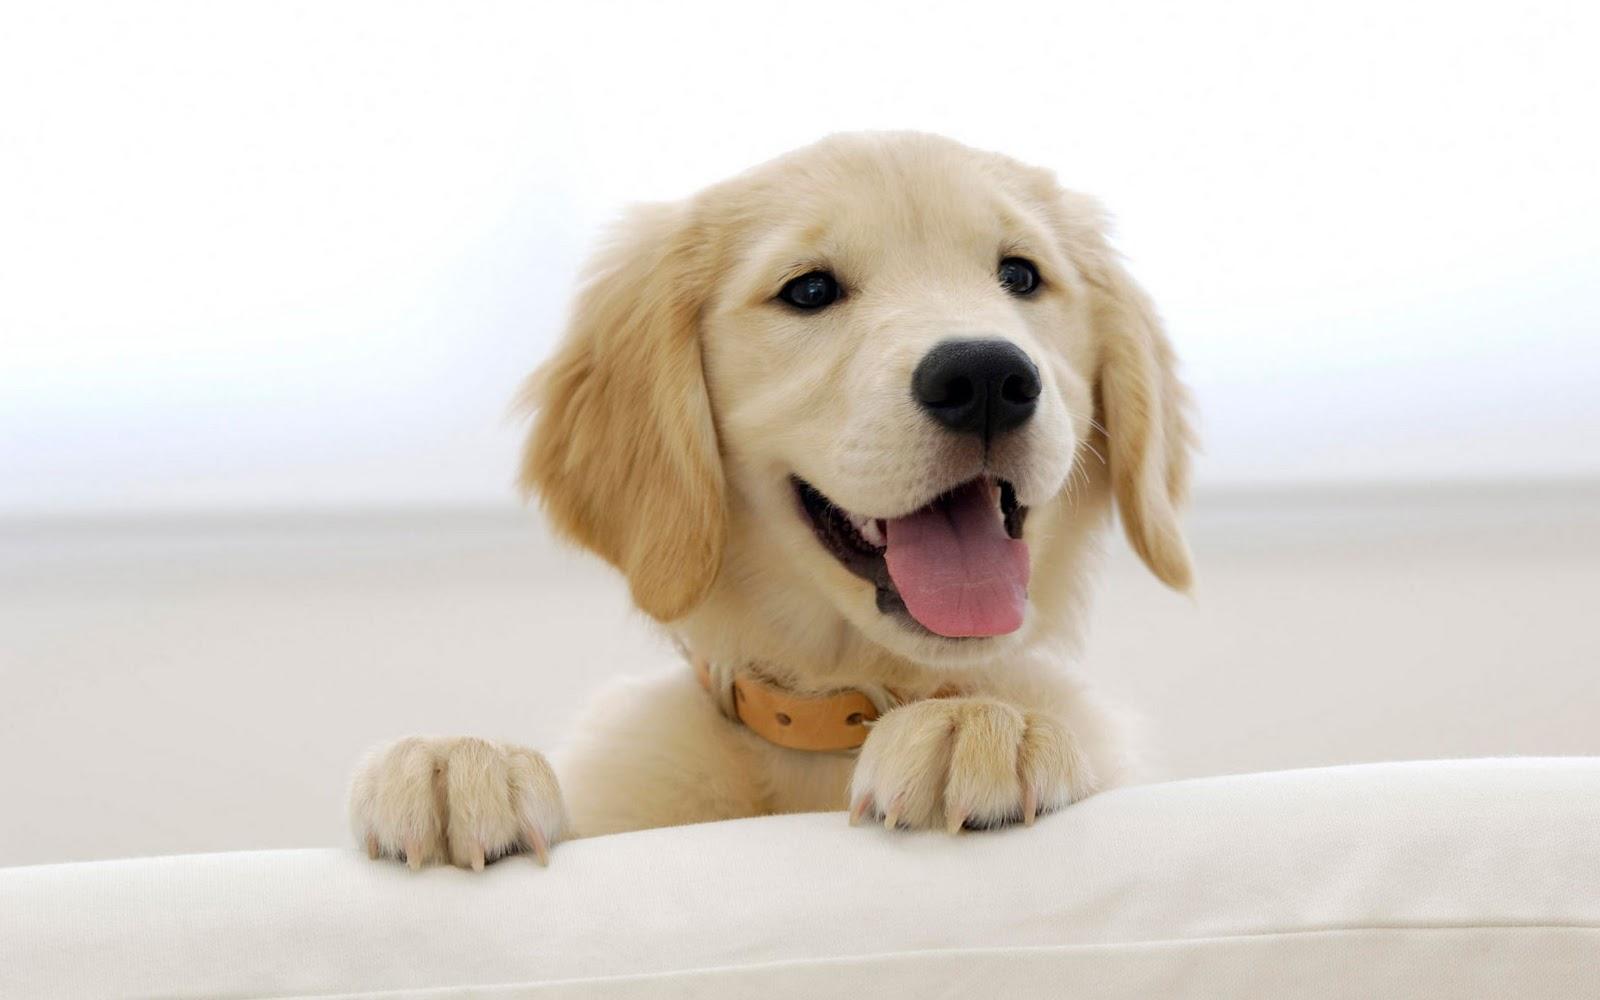 http://1.bp.blogspot.com/-Q39fD_AzfNs/T9hsXBnVIfI/AAAAAAAAGr4/ncTsXeQYilY/s1600/Dog+Wallpaper+007.jpg